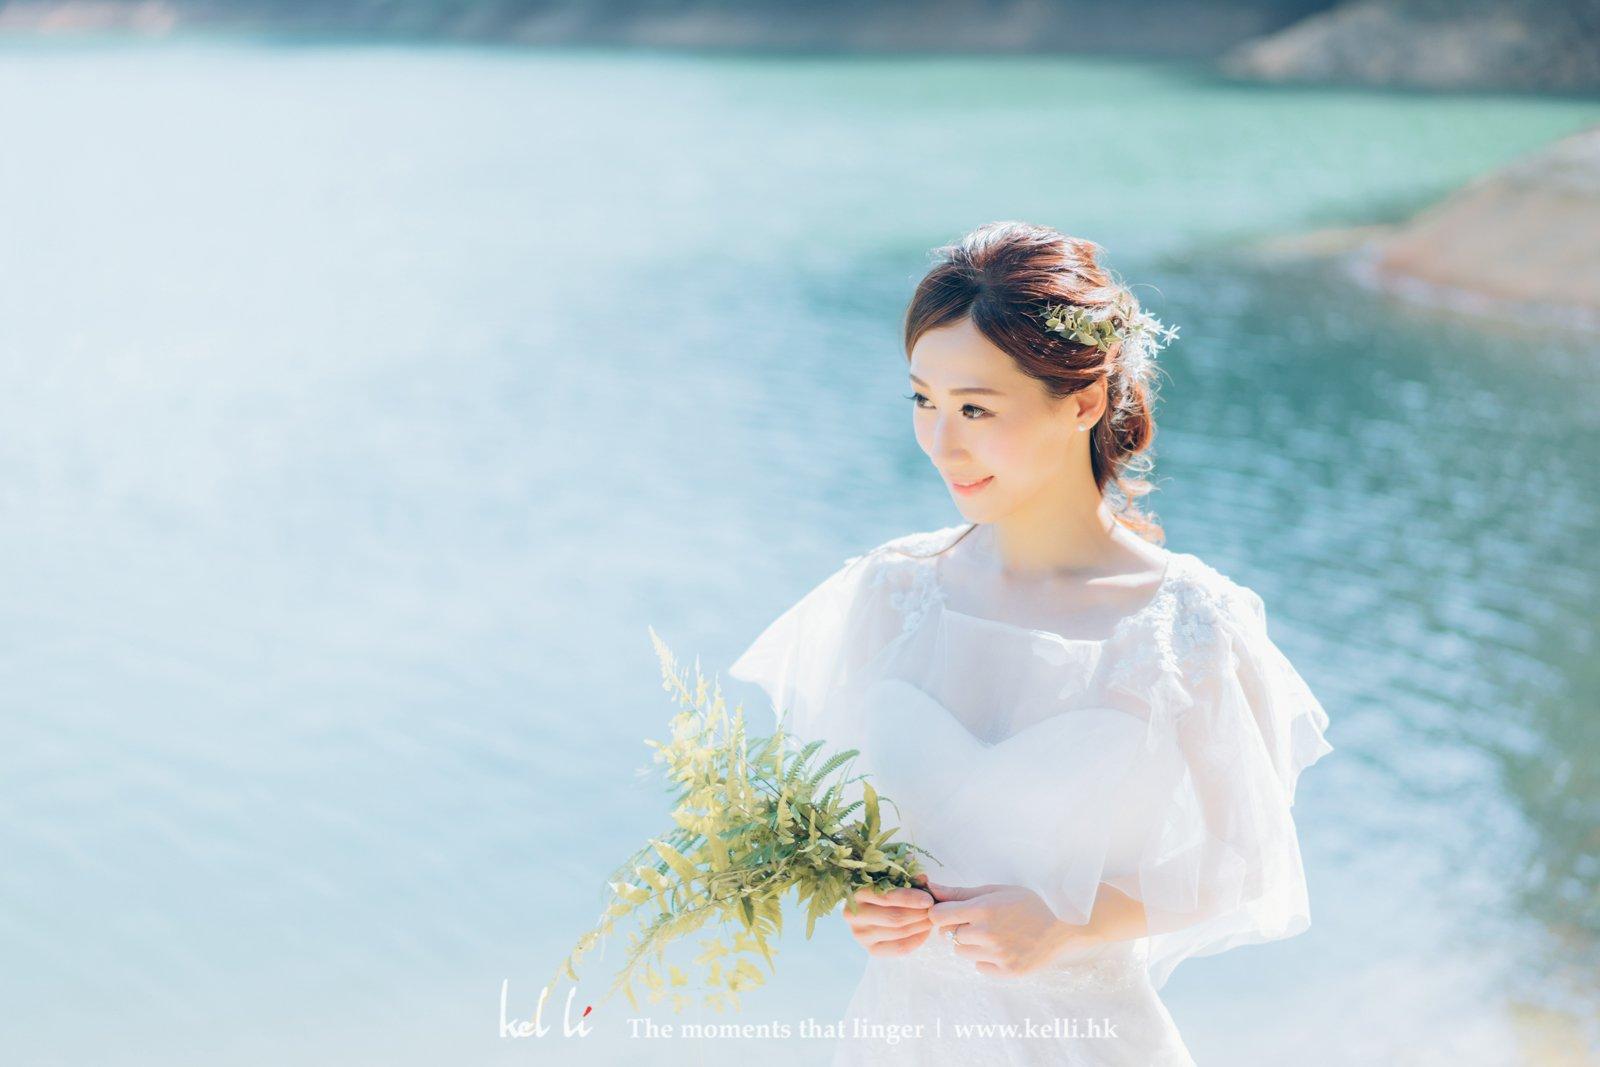 清新的婚紗照